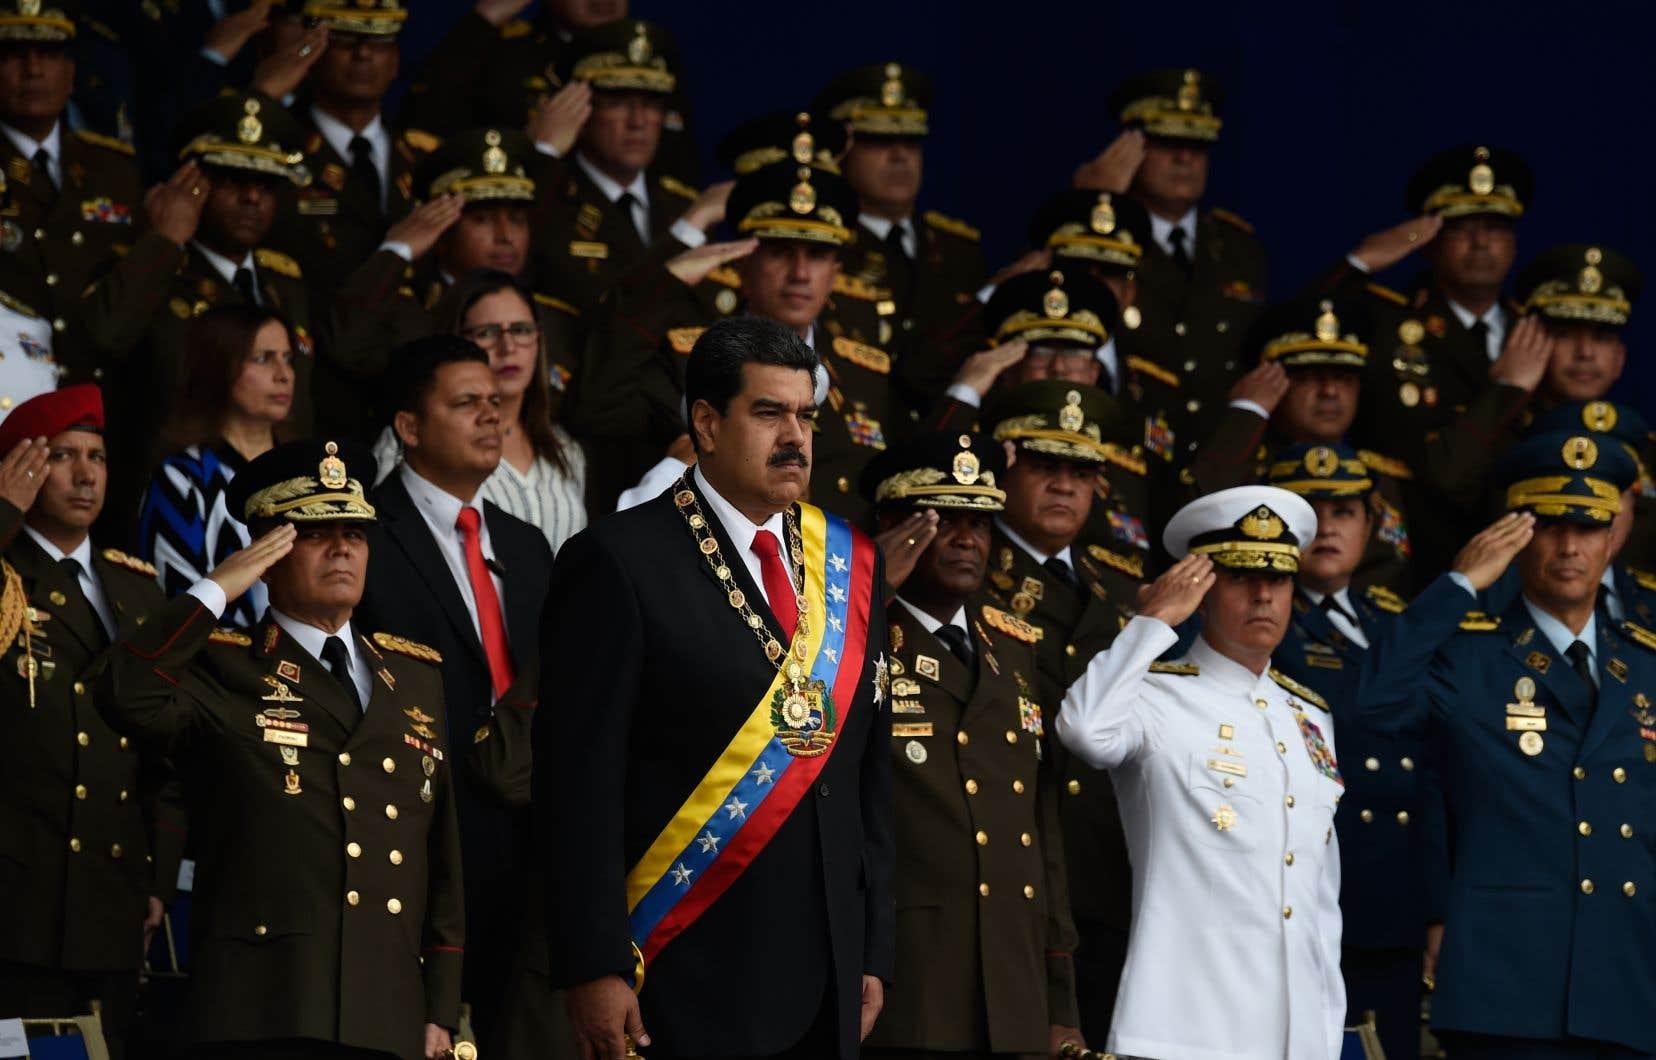 Nicolas Maduro prononçait un discourspendant une cérémonie militaire à Caracas.